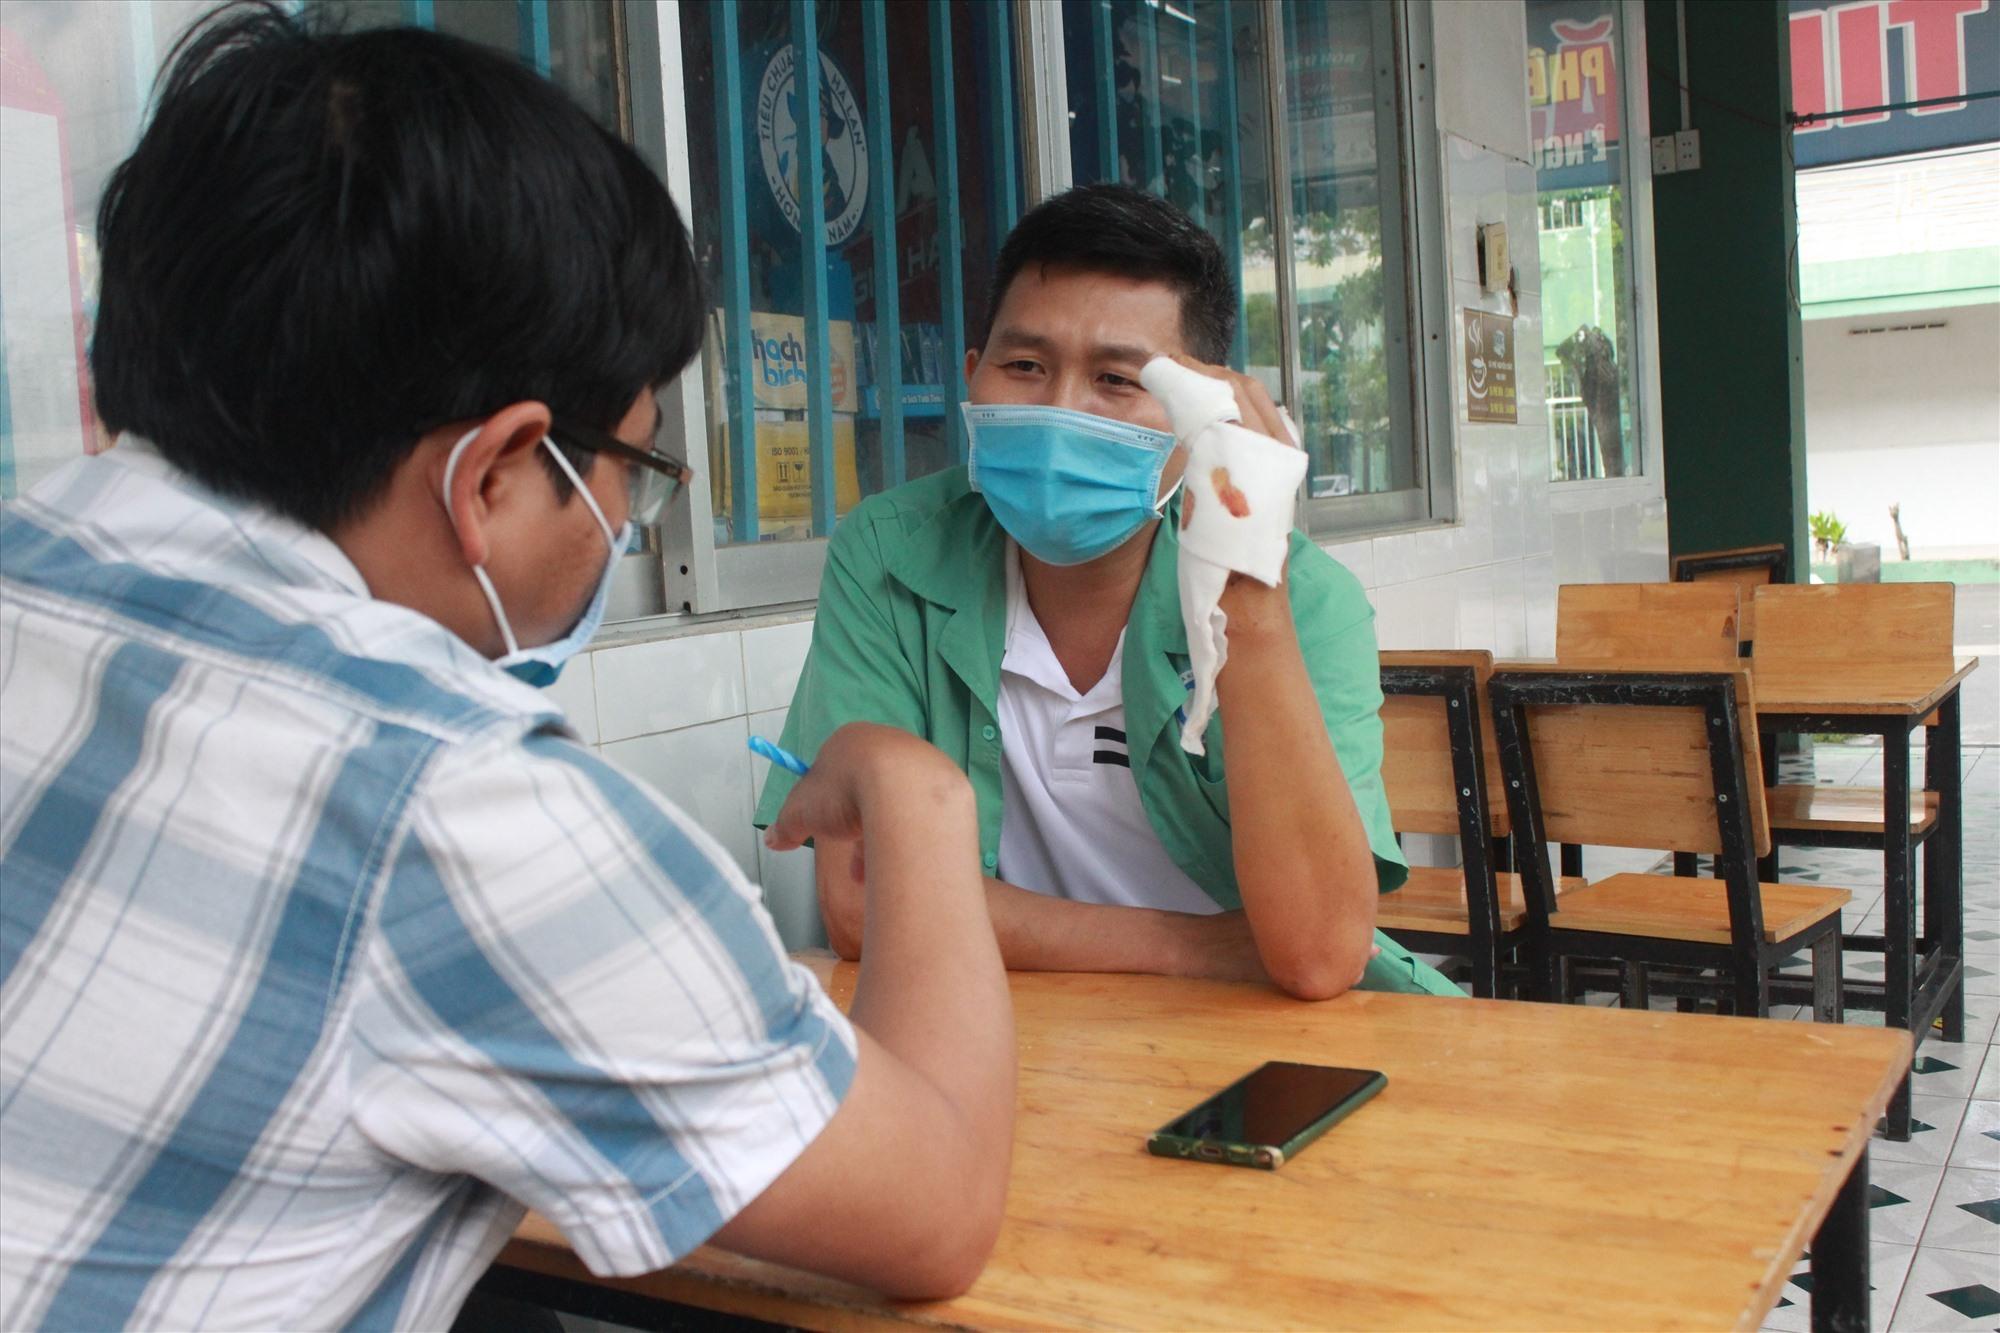 Ông Trần Công Thức trao đổi về vụ việc với PV Báo Quảng Nam Online. Hiện ông Thức vẫn đang điều trị tại bệnh viện đa khoa Quảng Nam. Ảnh: P.V